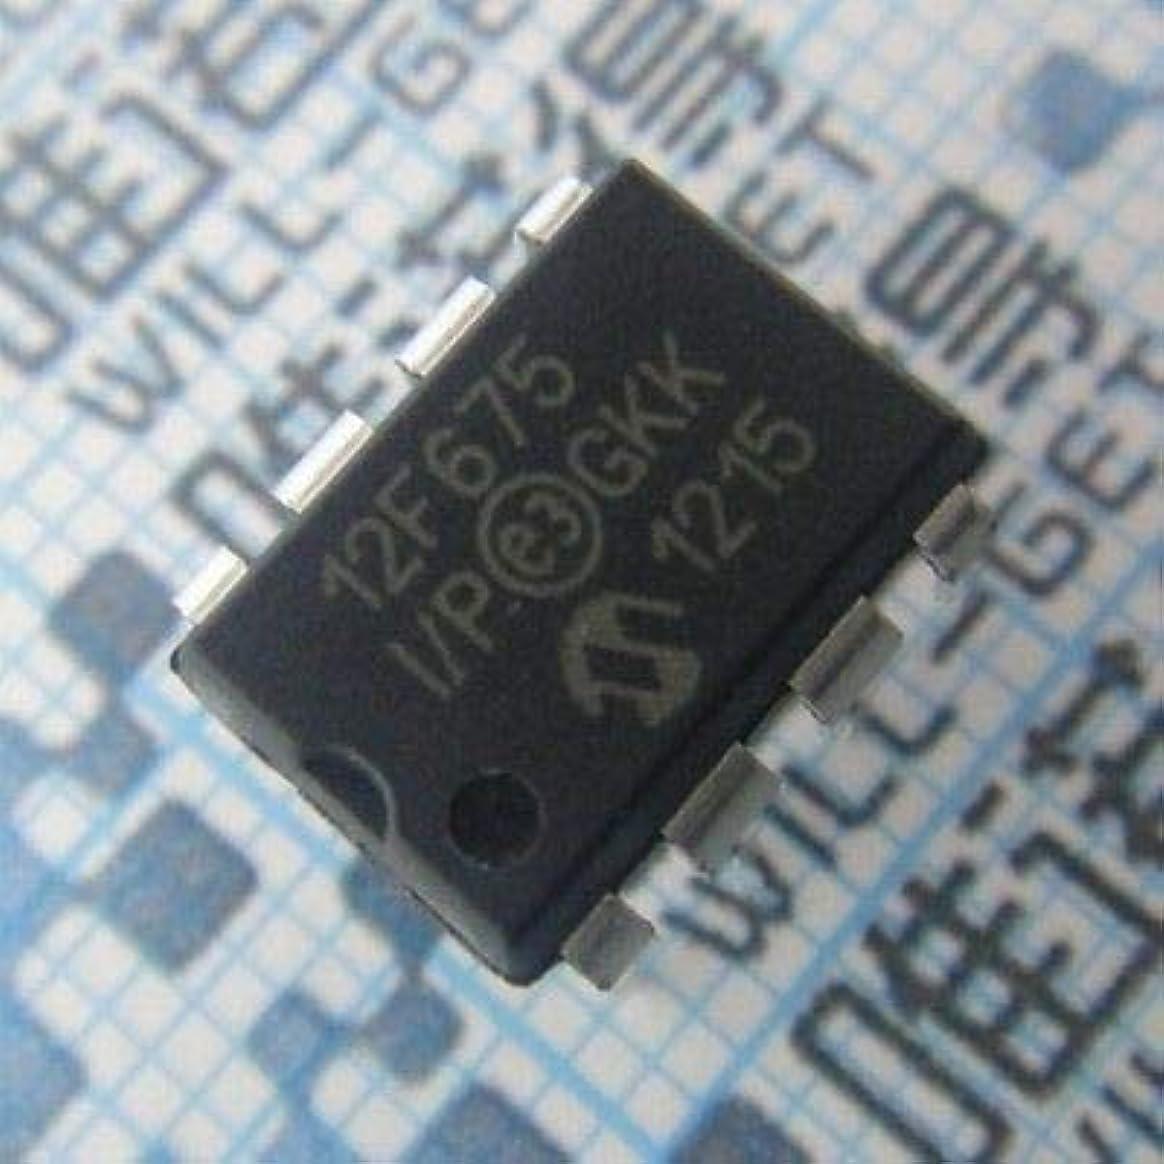 航海のエアコンひどくFidgetGear 10PCS IC PIC12F675 PIC12F675-I/P DIP8 MCU CMOSフラッシュベース8BIT